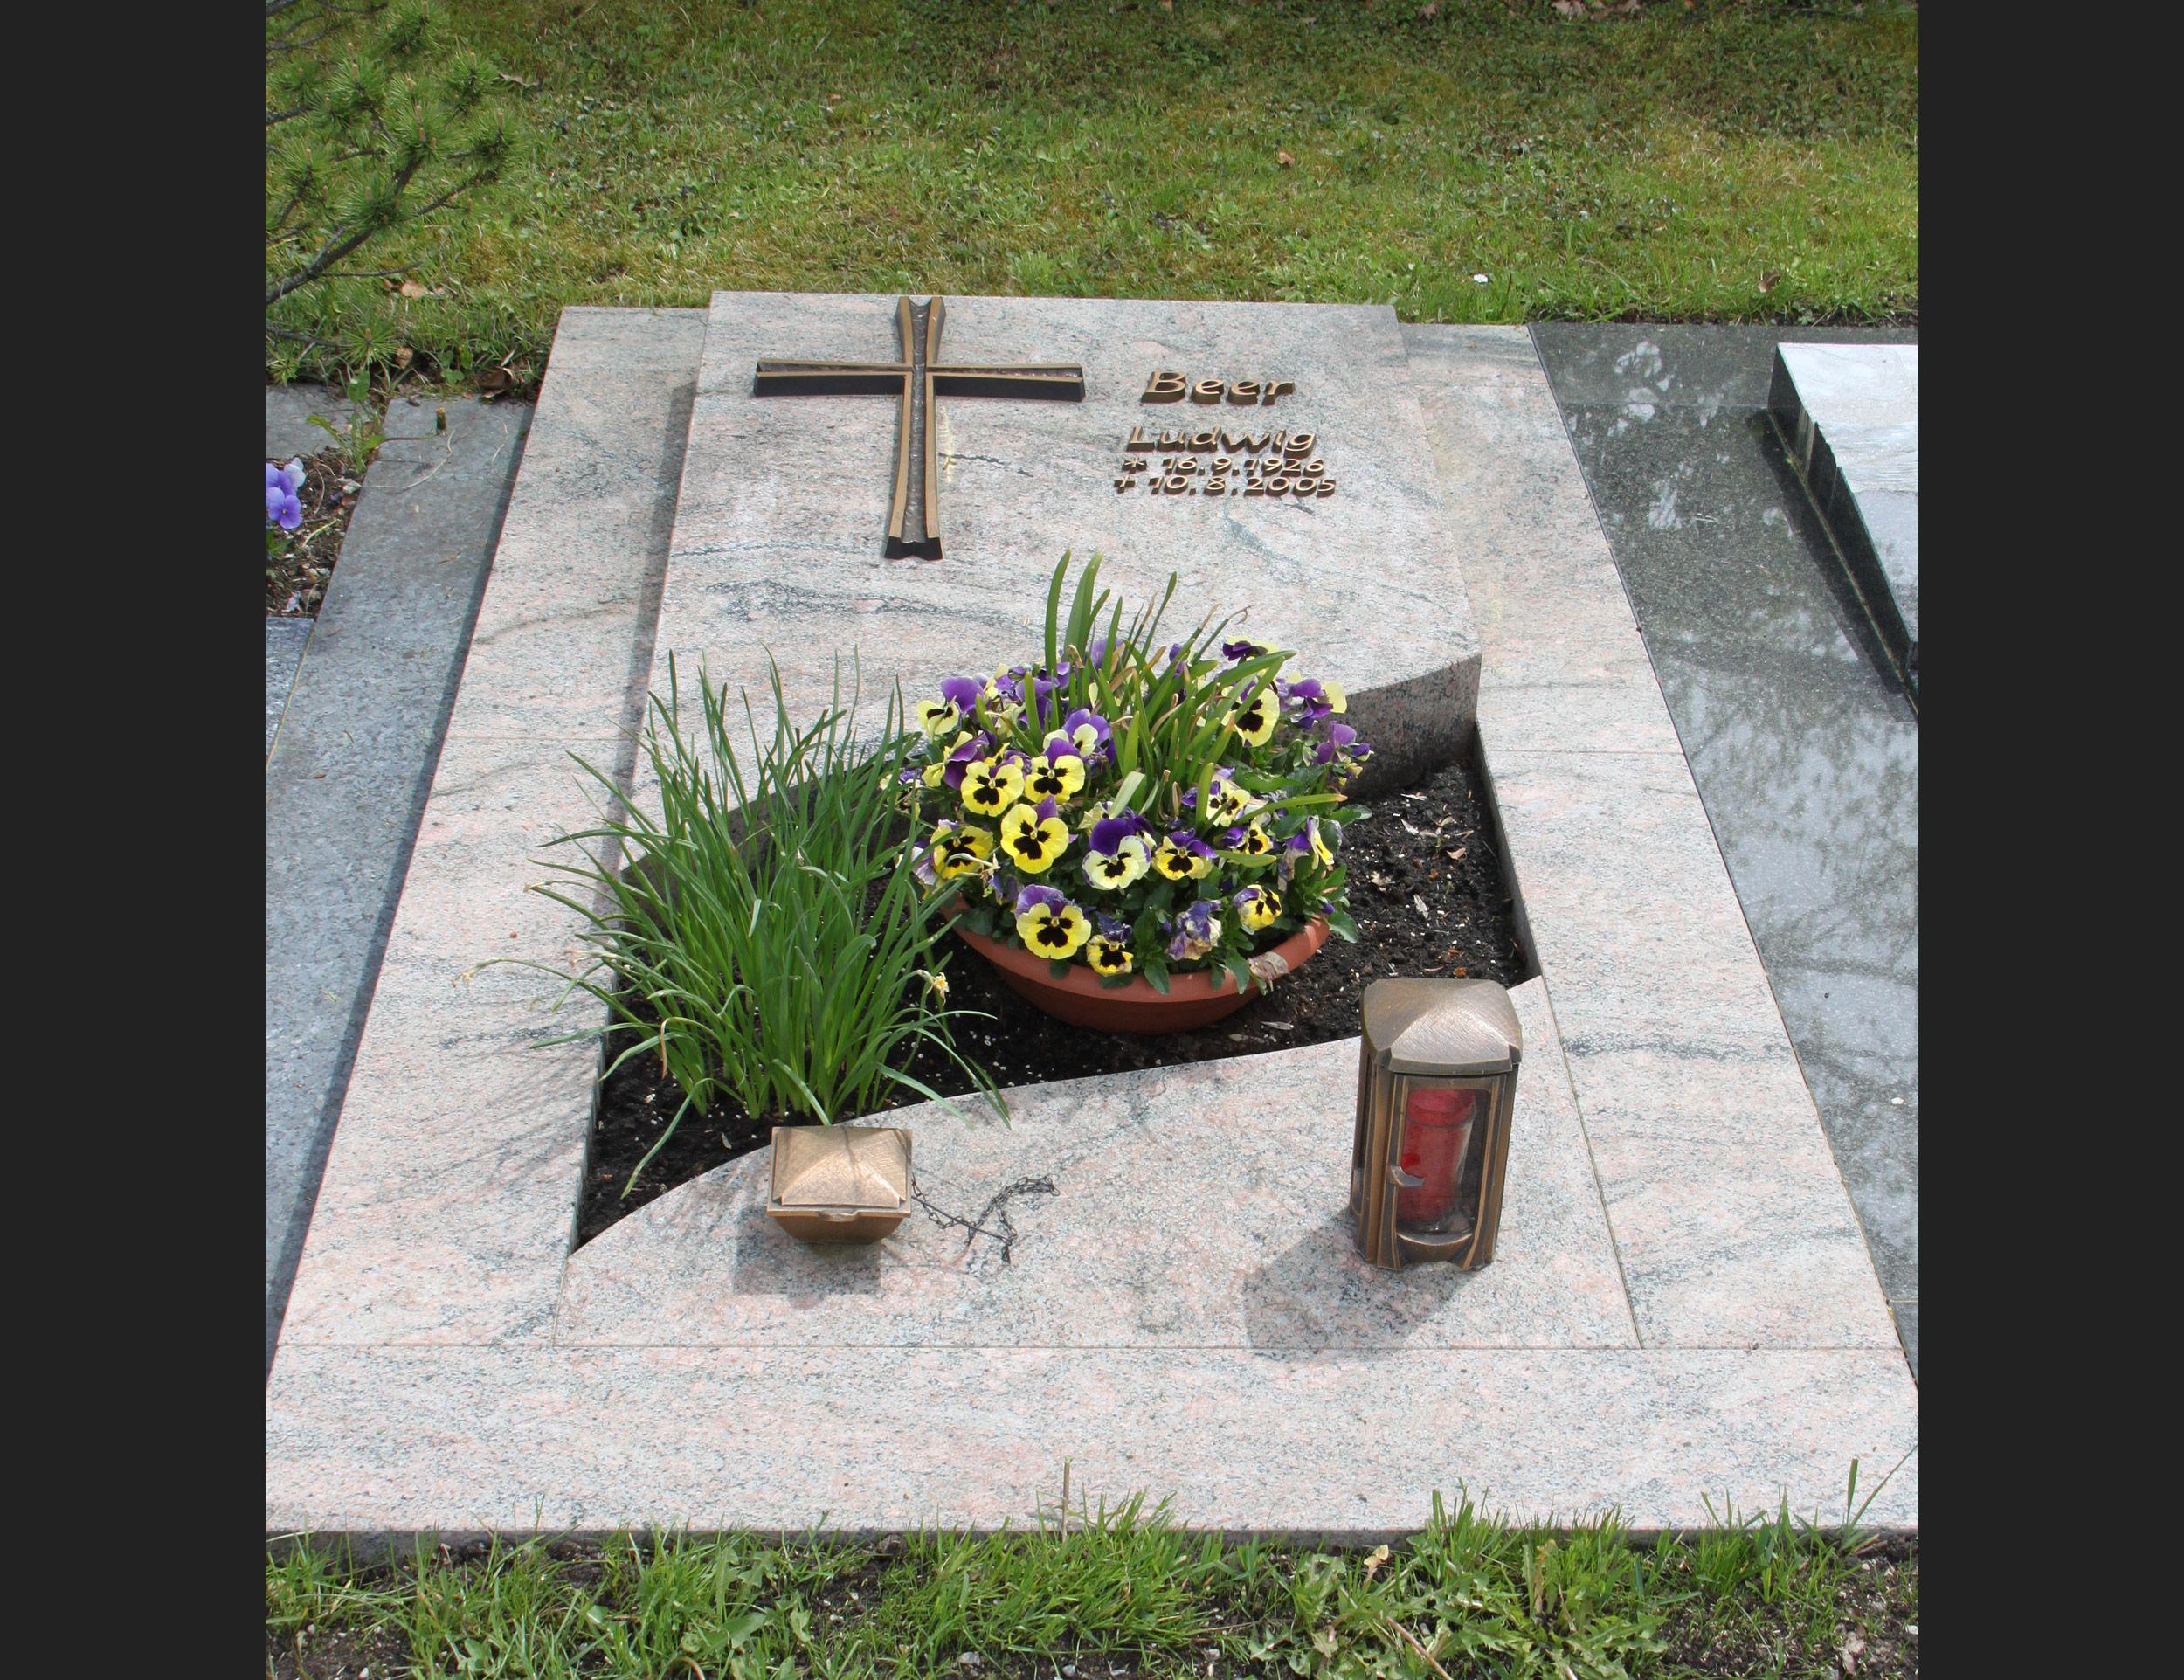 Grabsteine Grabmale Poliert Bildergalerie Steinmetz Herbert Baldauf Immenstadt Allgäu